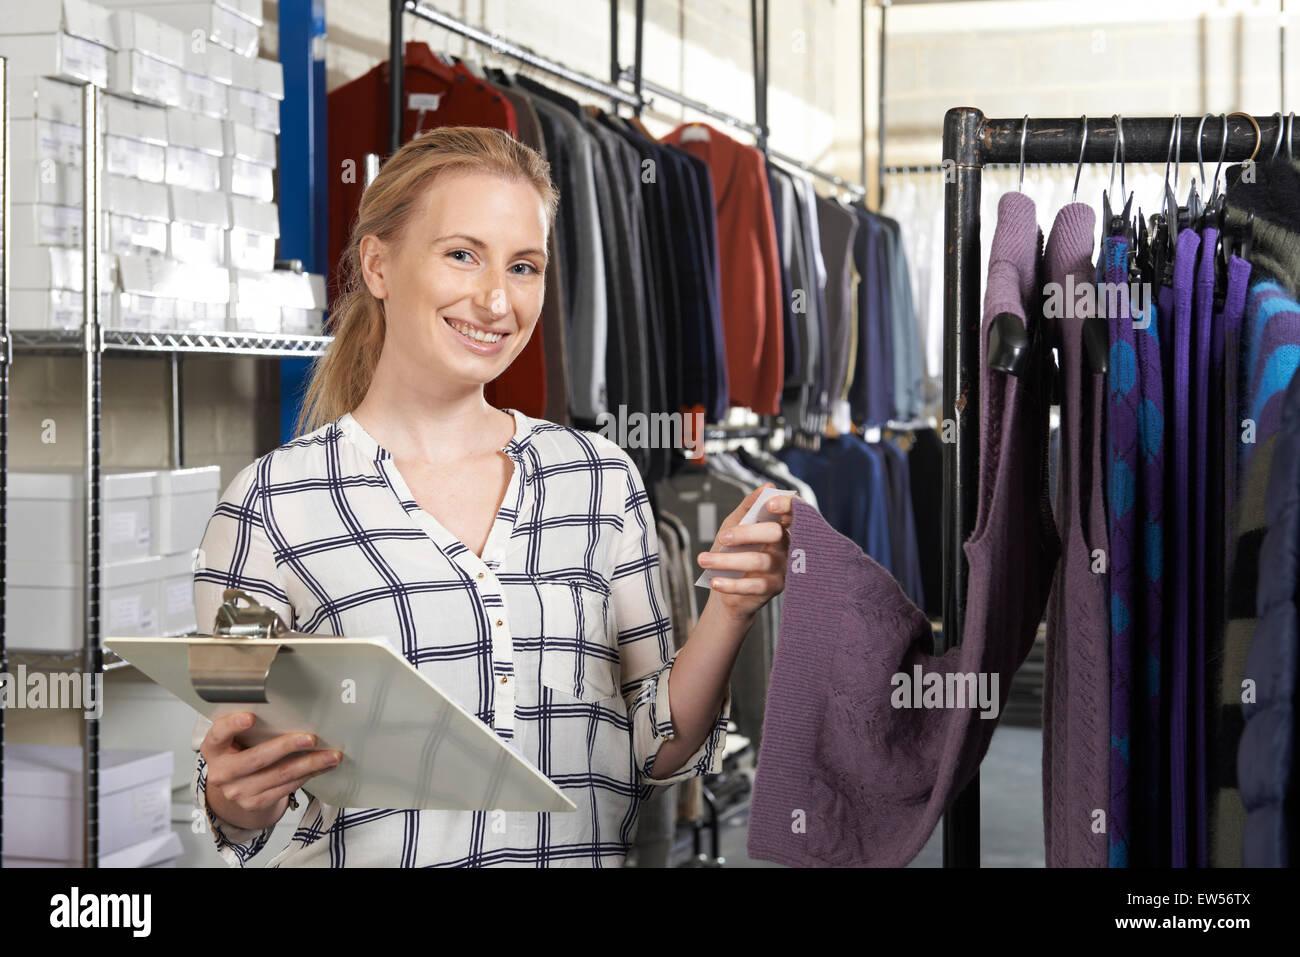 La empresaria se ejecuta en la línea de negocio de la moda Imagen De Stock